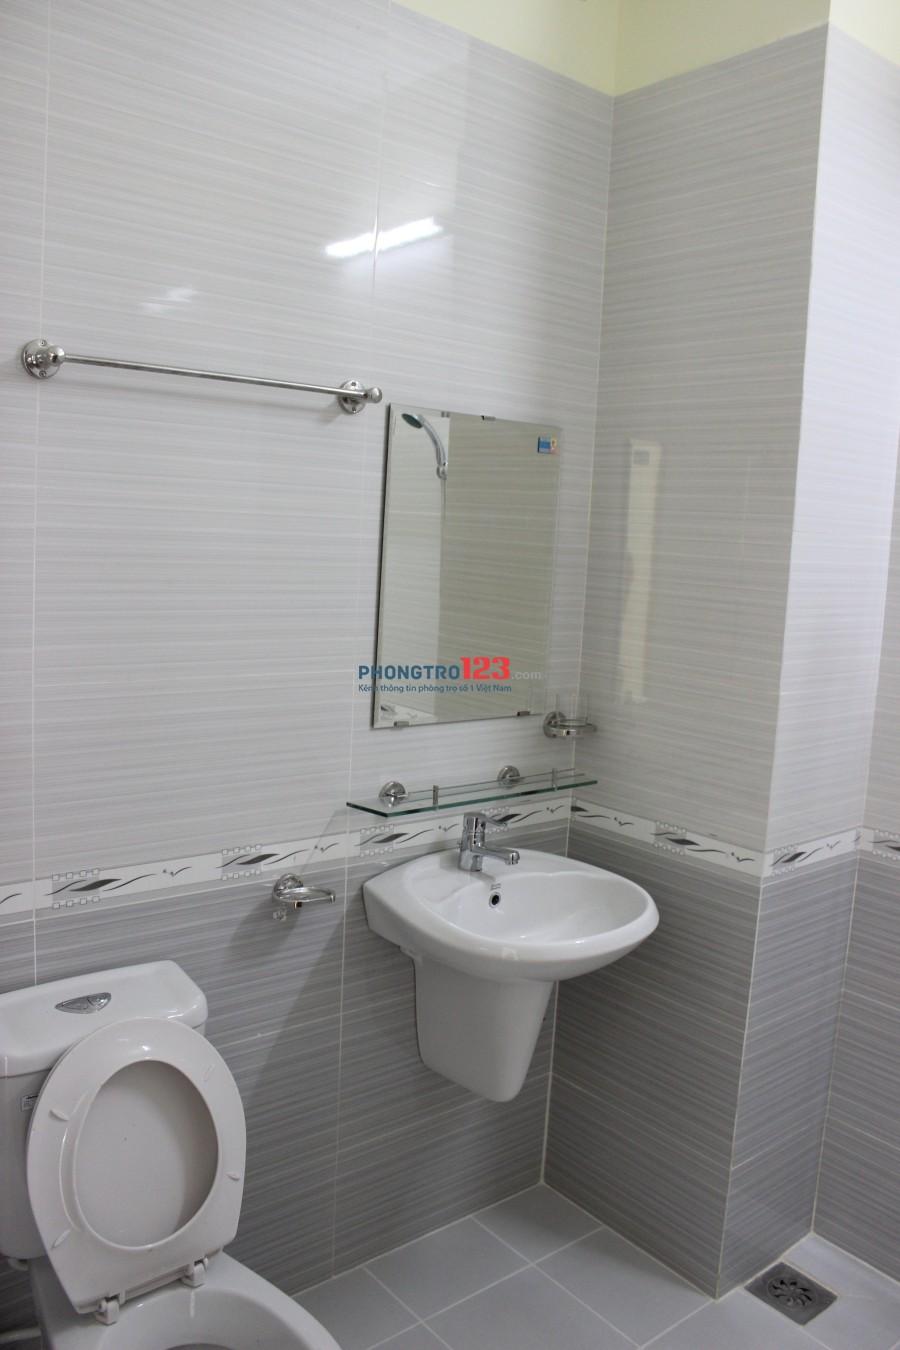 Phòng rộng đẹp 20m2, 3triệu, Nguyễn Hồng Đào, P.14, Tân Bình